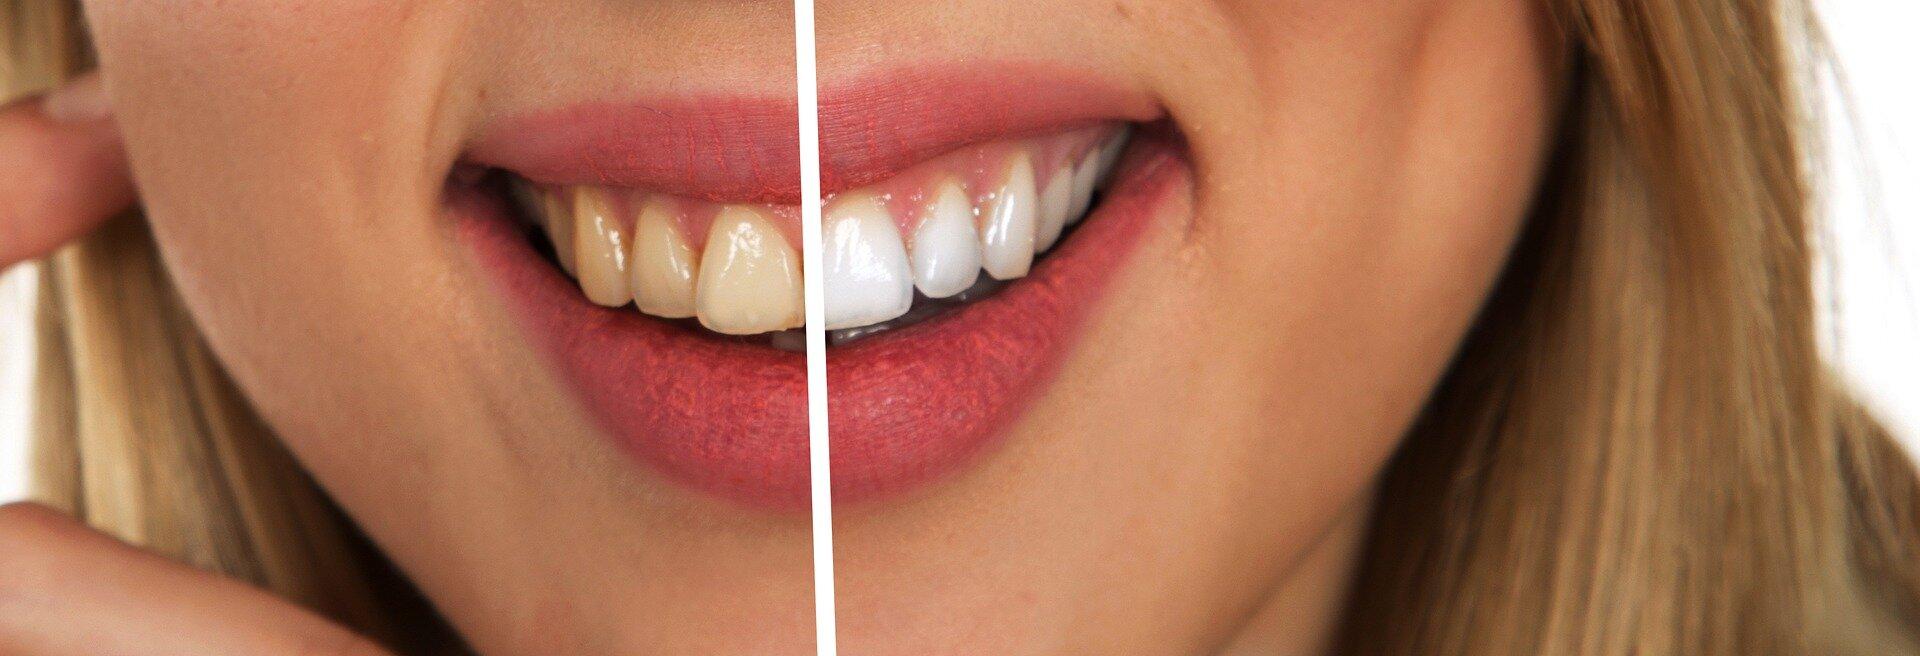 blanchiment dentaire eclaircissement chirurgien dentiste dentaire pari 7